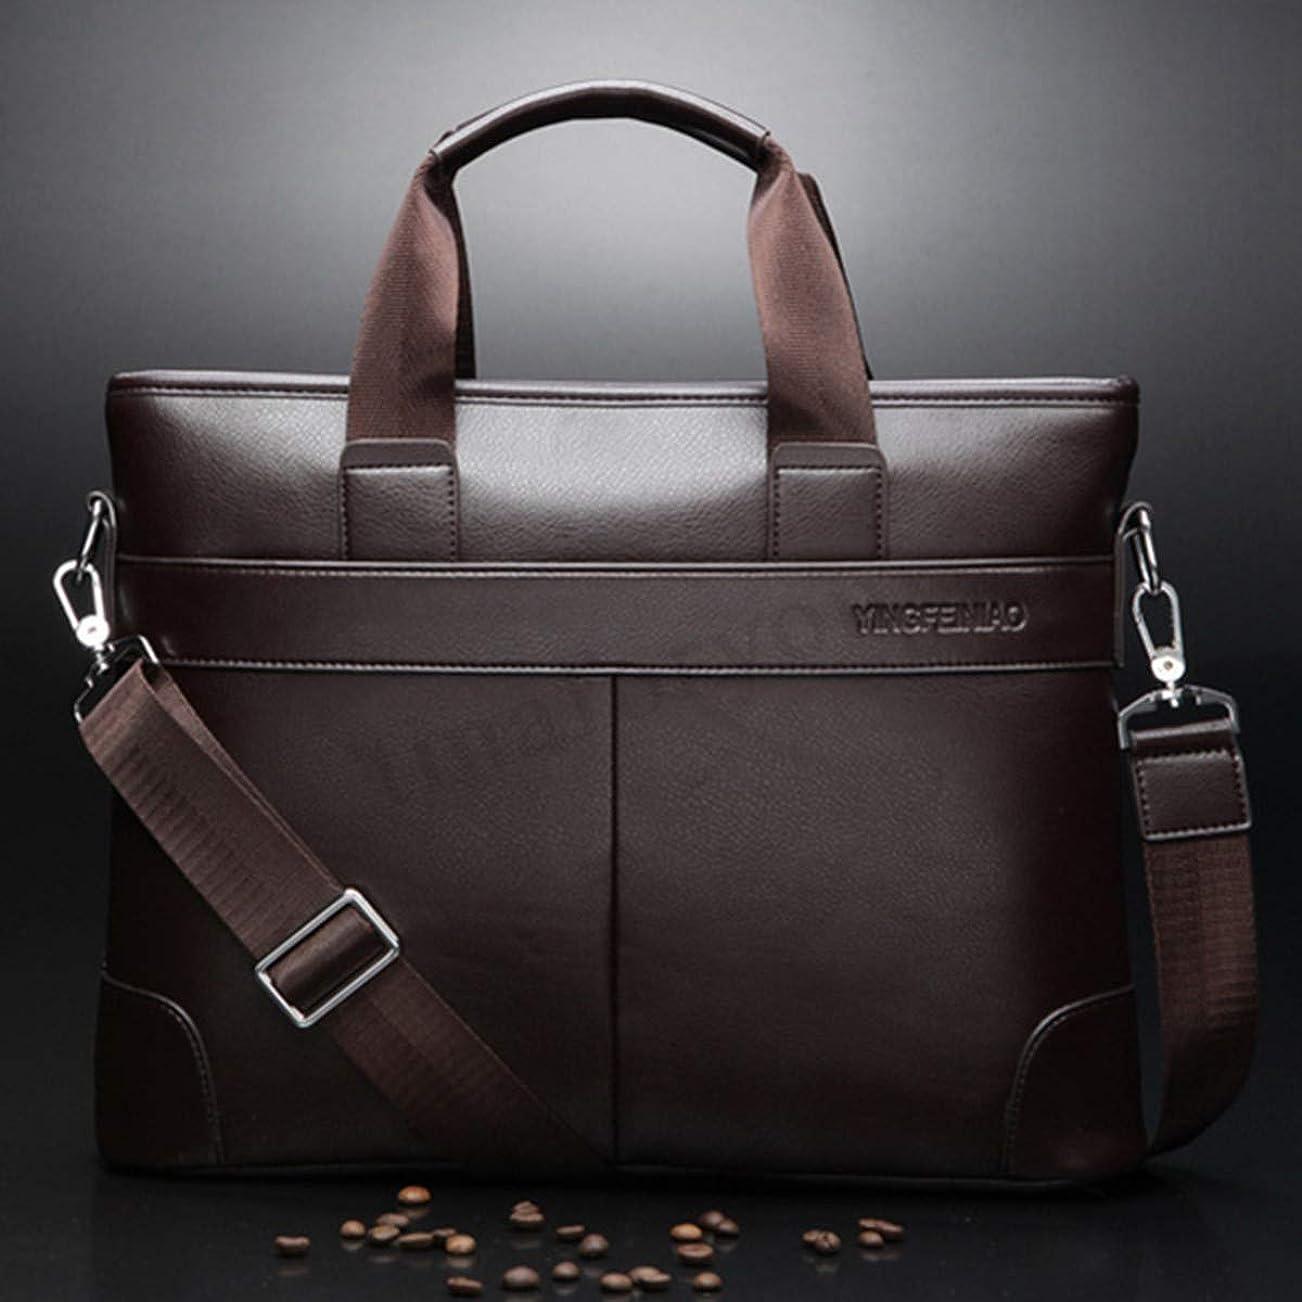 かんたん結果個人的なファッション > バッグ?スーツケース > ビジネスバッグ > メンズ/Men Briefcase Leather Bag Business Shoulder Messenger Satchel Laptop Handbag